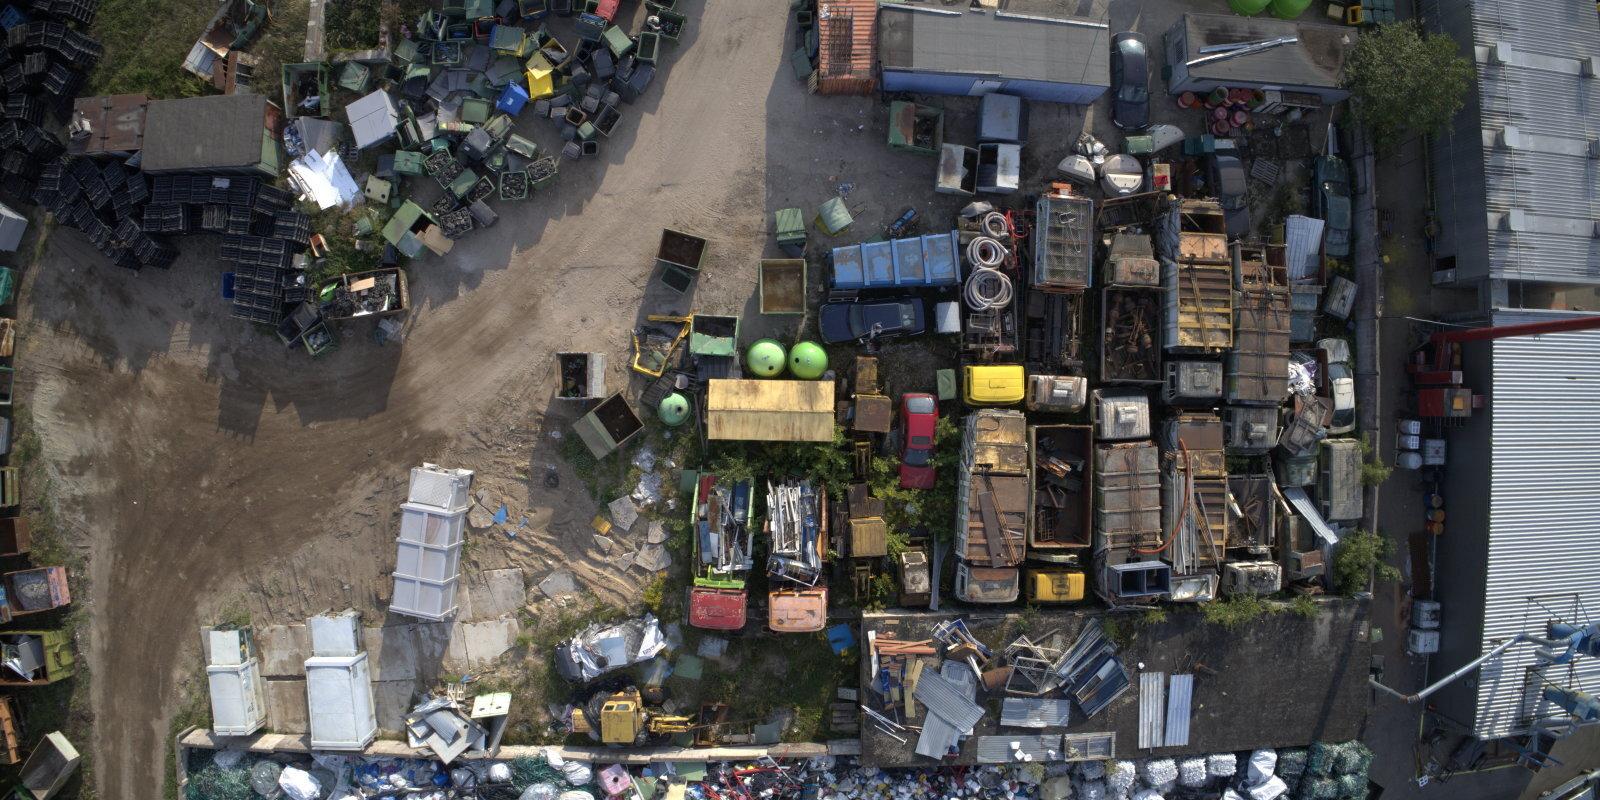 Dedzināt vai nē? Rīgā varētu parādīties atkritumu dedzināšanas rūpnīca vai jauna izgāztuve